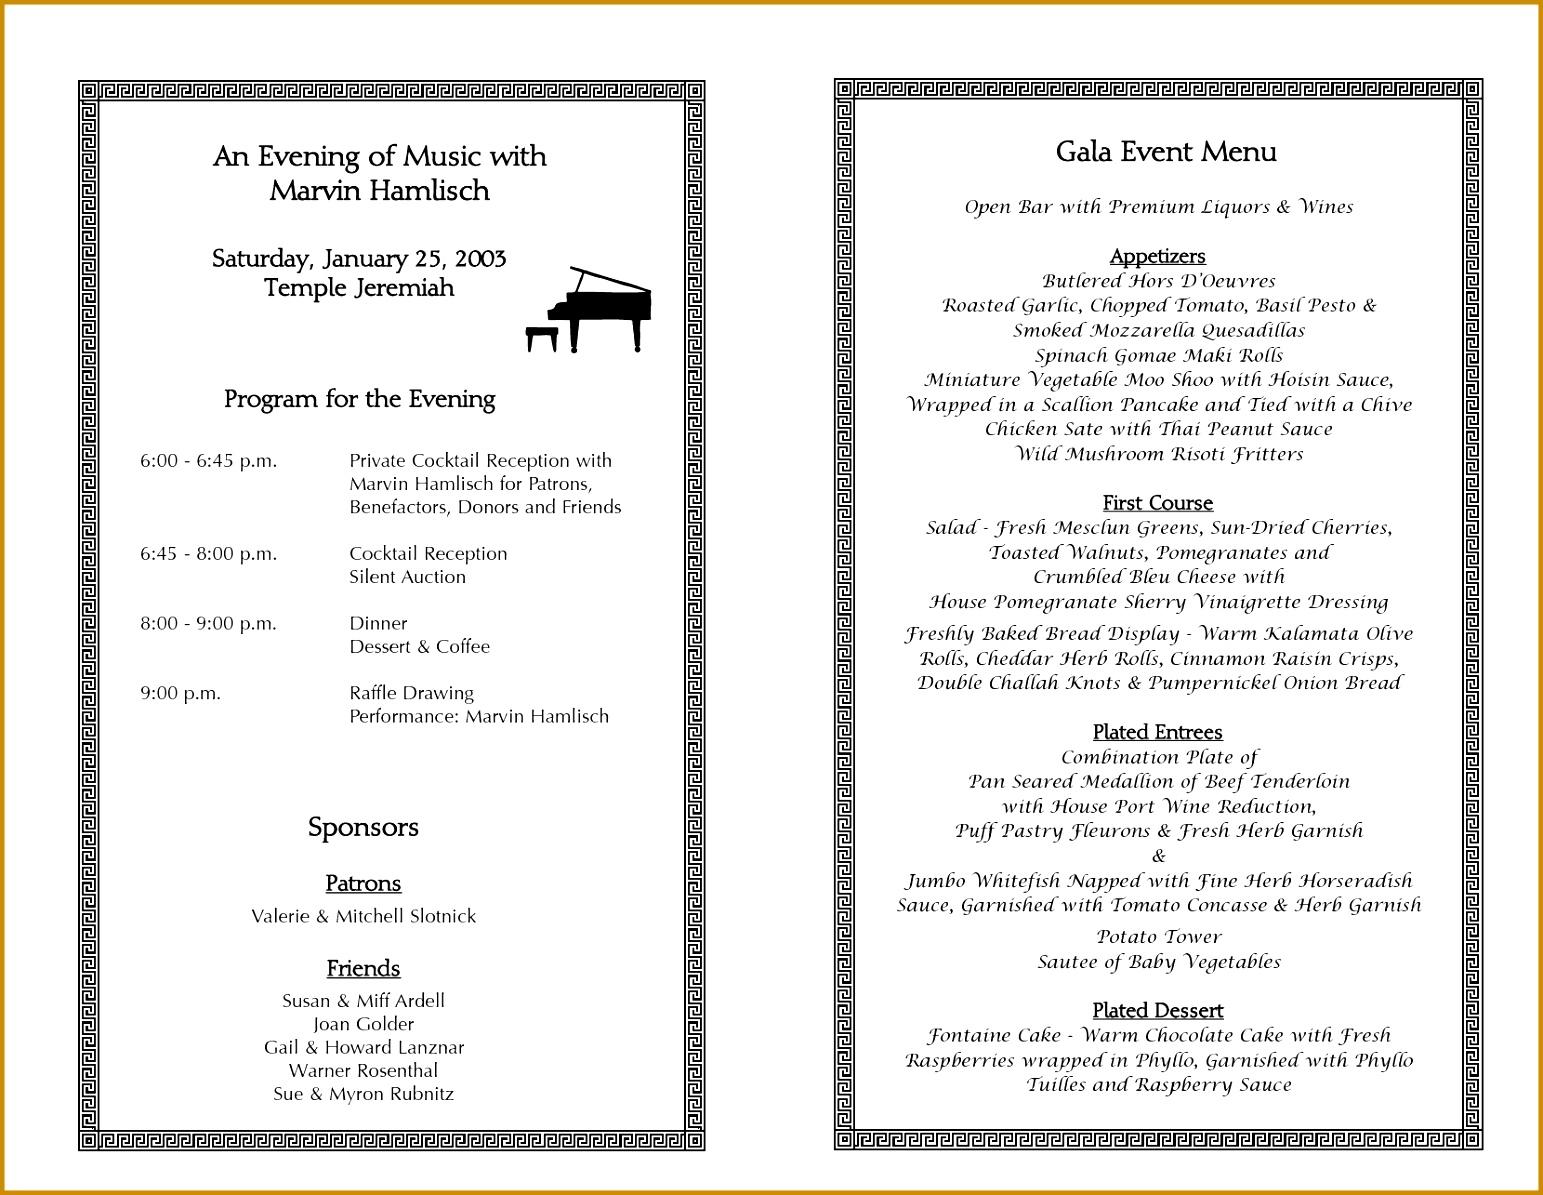 Event Program Template Printable line Calendar 11951543